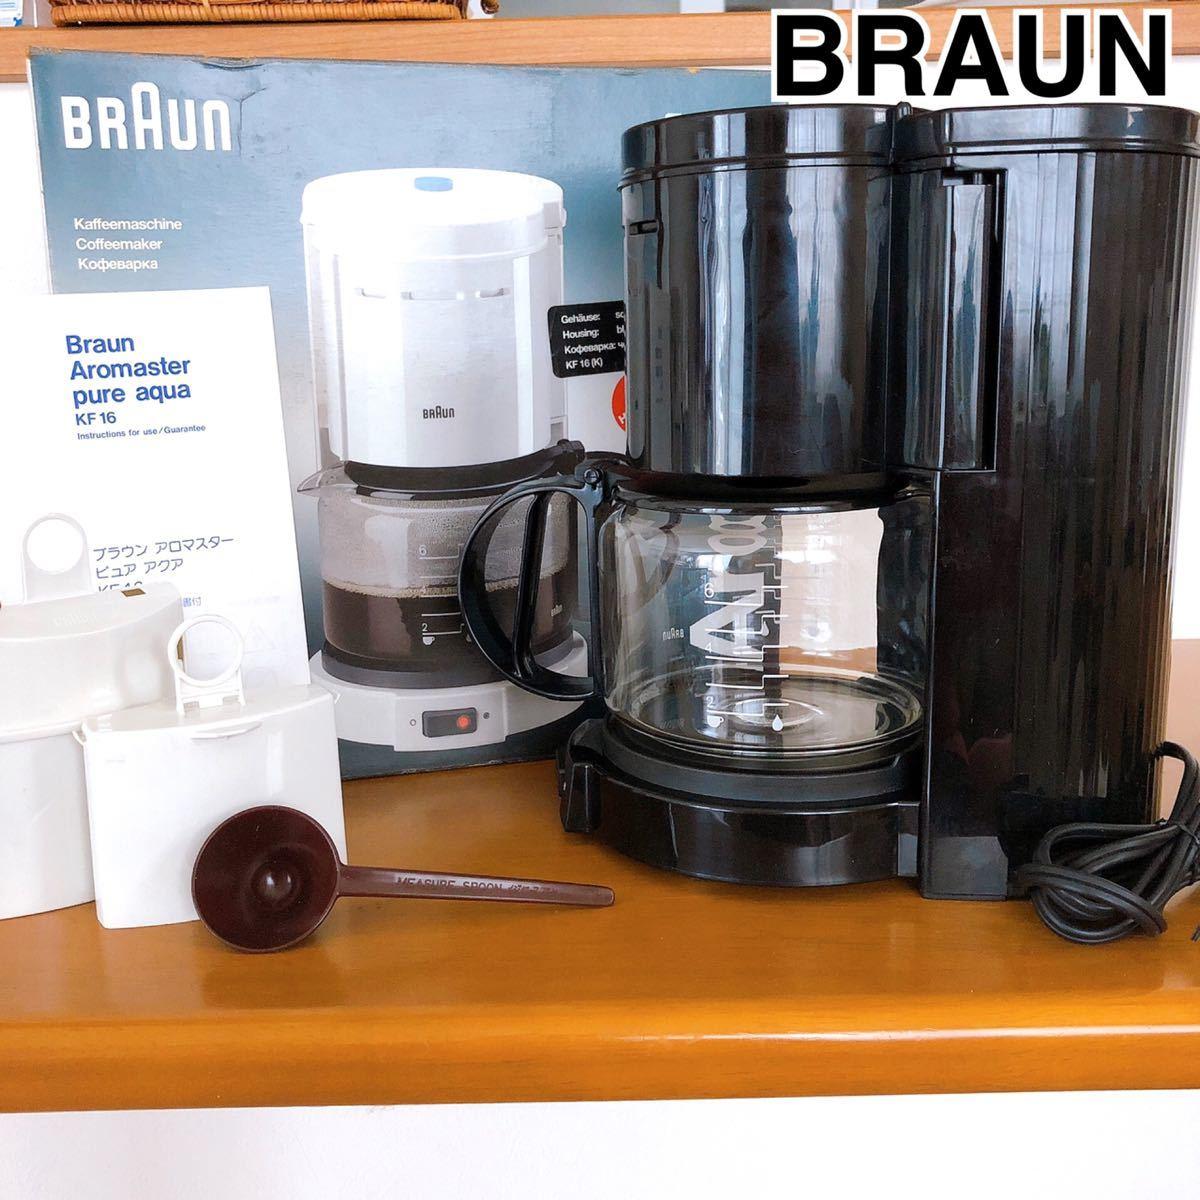 SALE!BRAUN アロマスター コーヒーメーカー KF16 ブラウン 家庭用